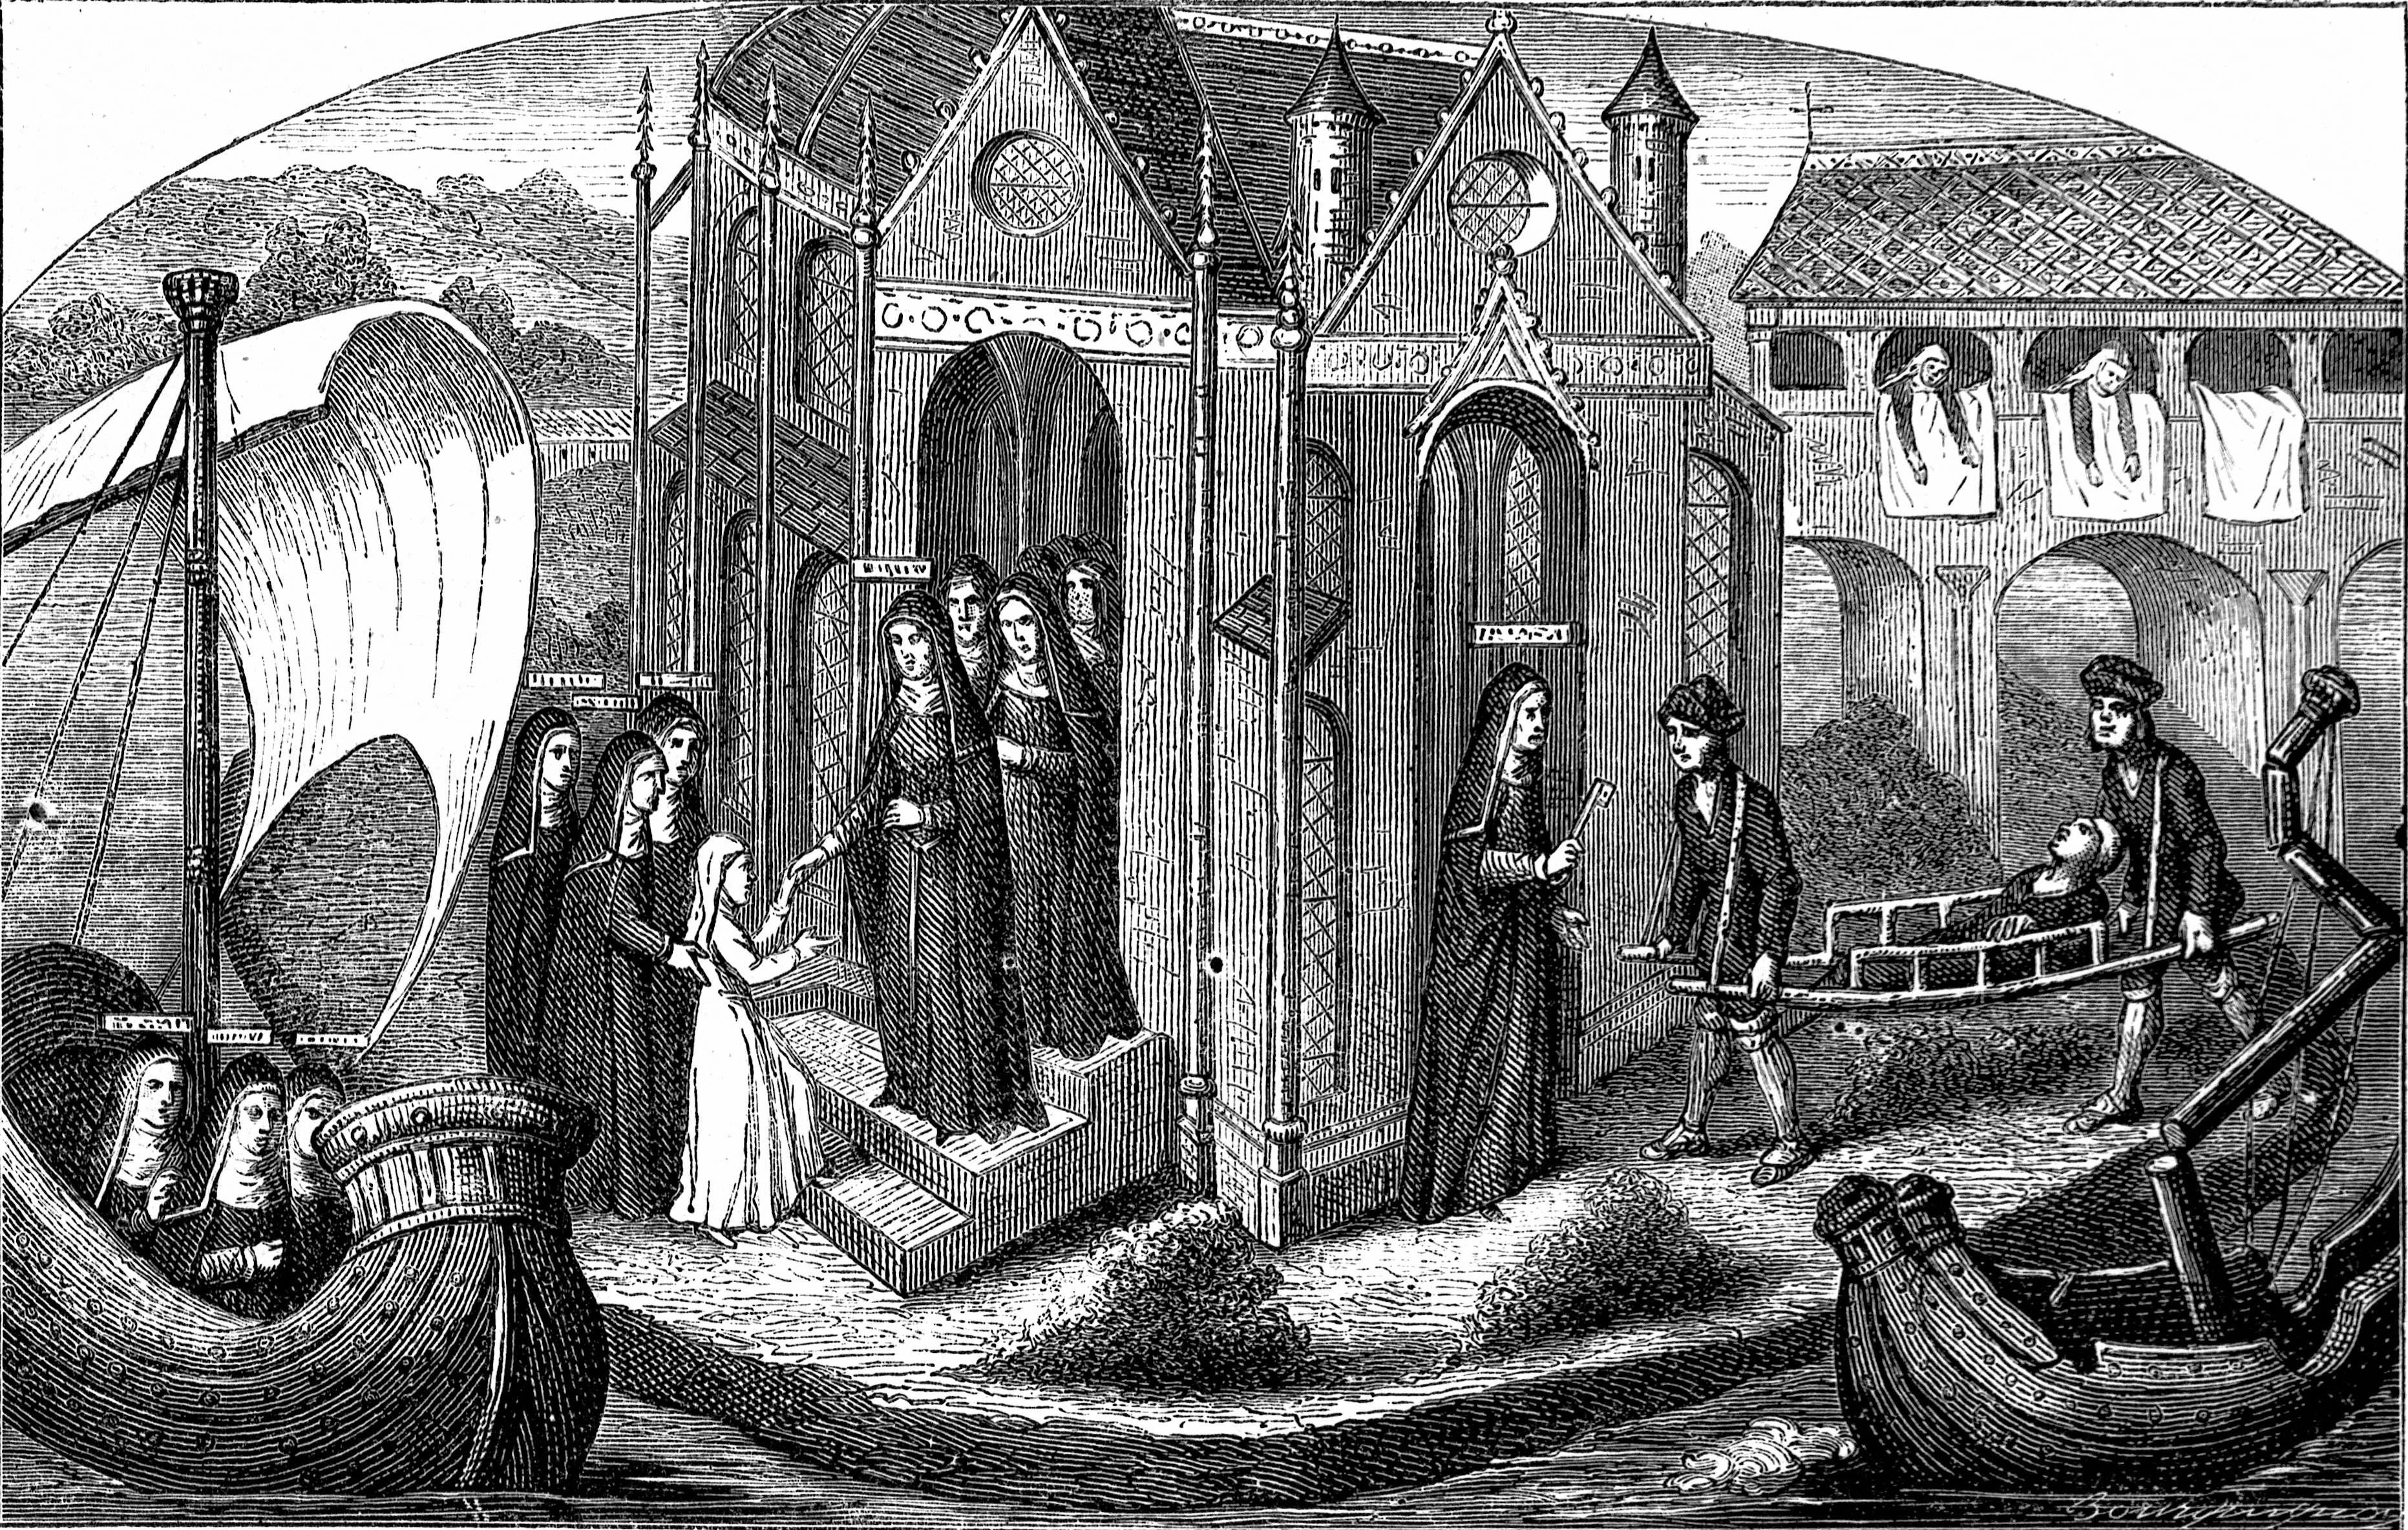 RÈception d'une novice ‡ l'HÙtel-Dieu de Paris. Gravure d'aprËs une miniature du XVËme siËcle.